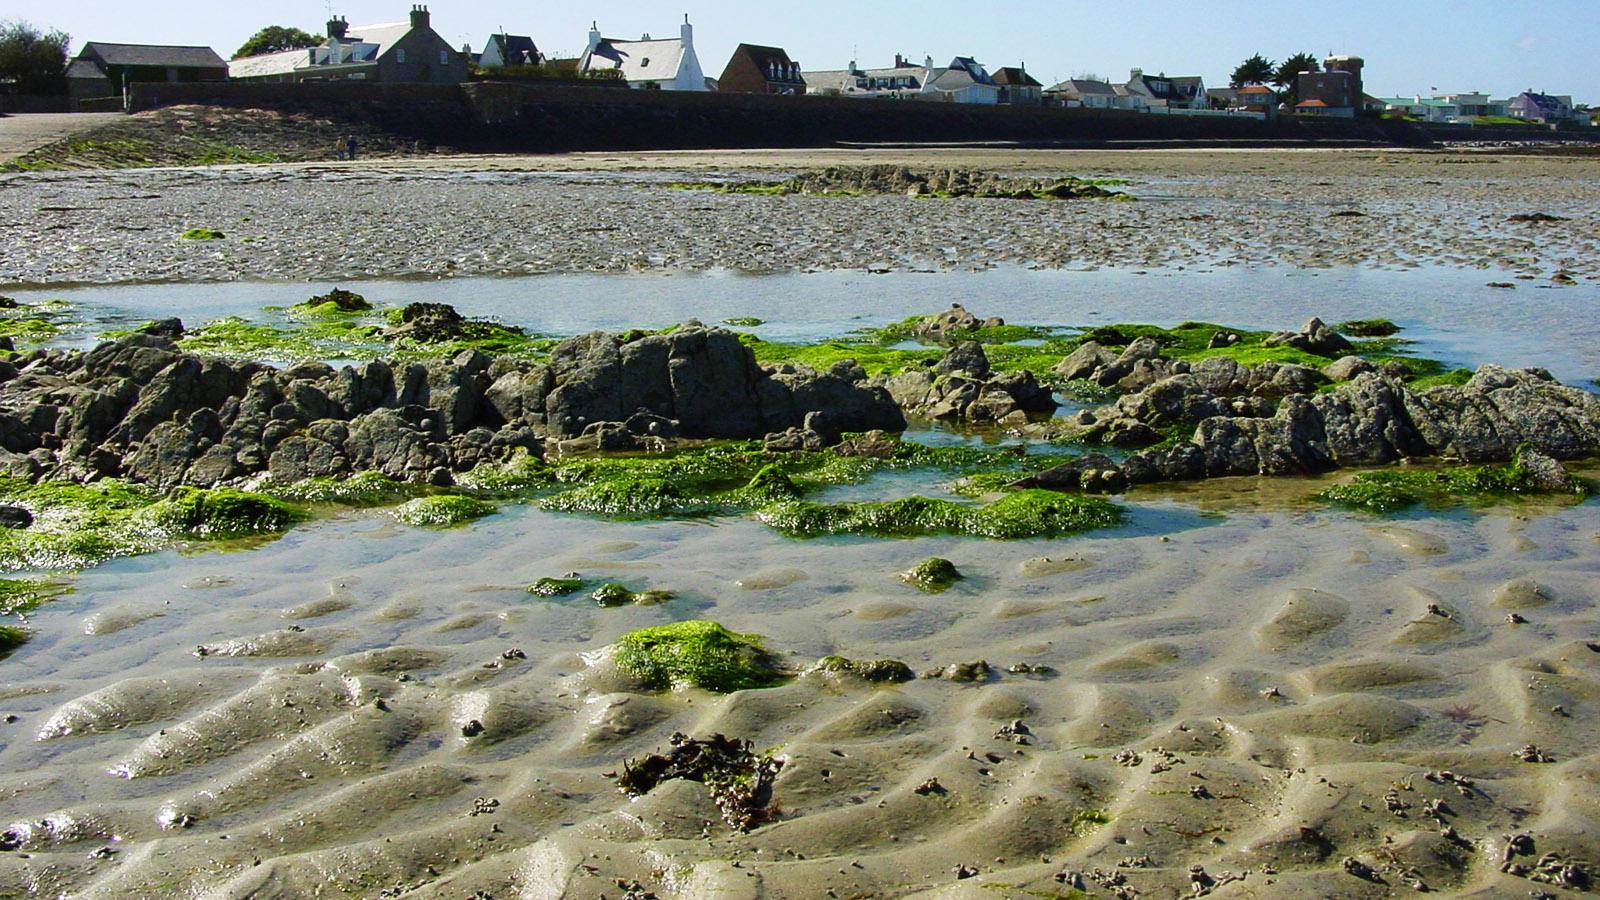 Algen. Grüne Ulva, auch Meersalat genannt. Foto: Hilke Maunder